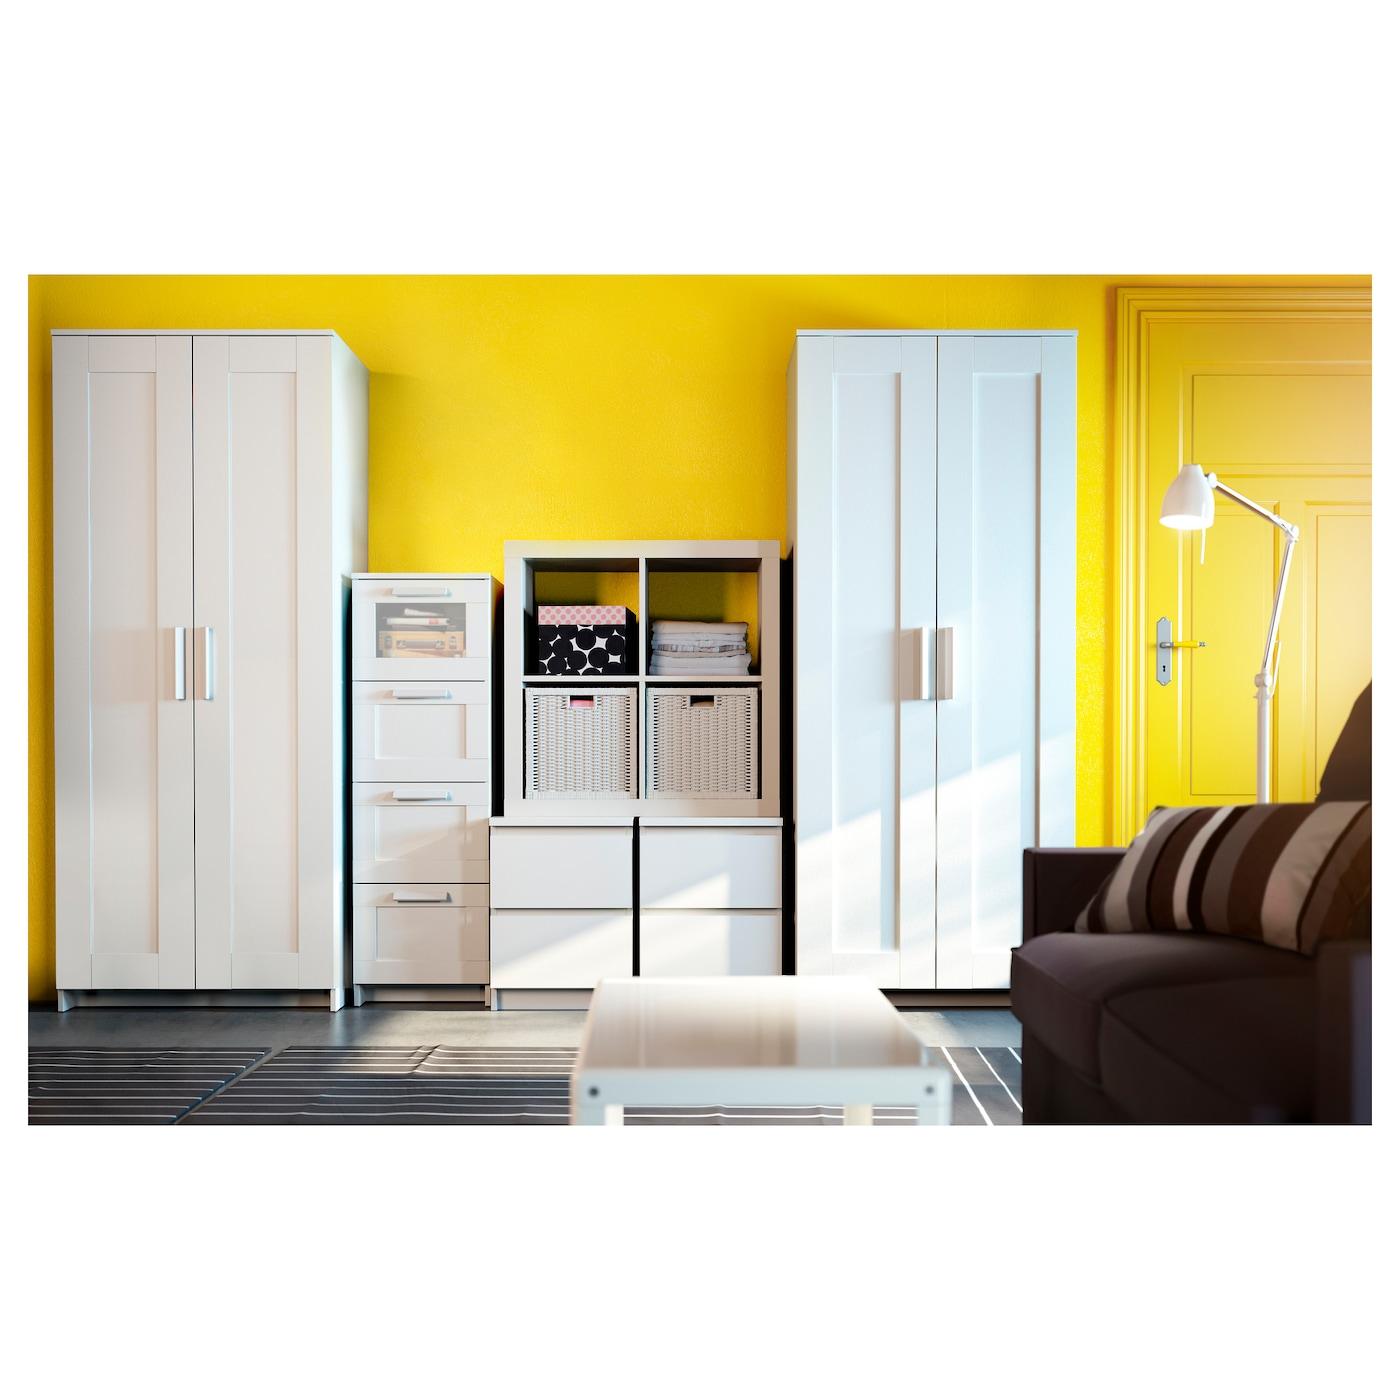 Brimnes armario con 2 puertas blanco 78 x 190 cm ikea for Armario 2 puertas ikea